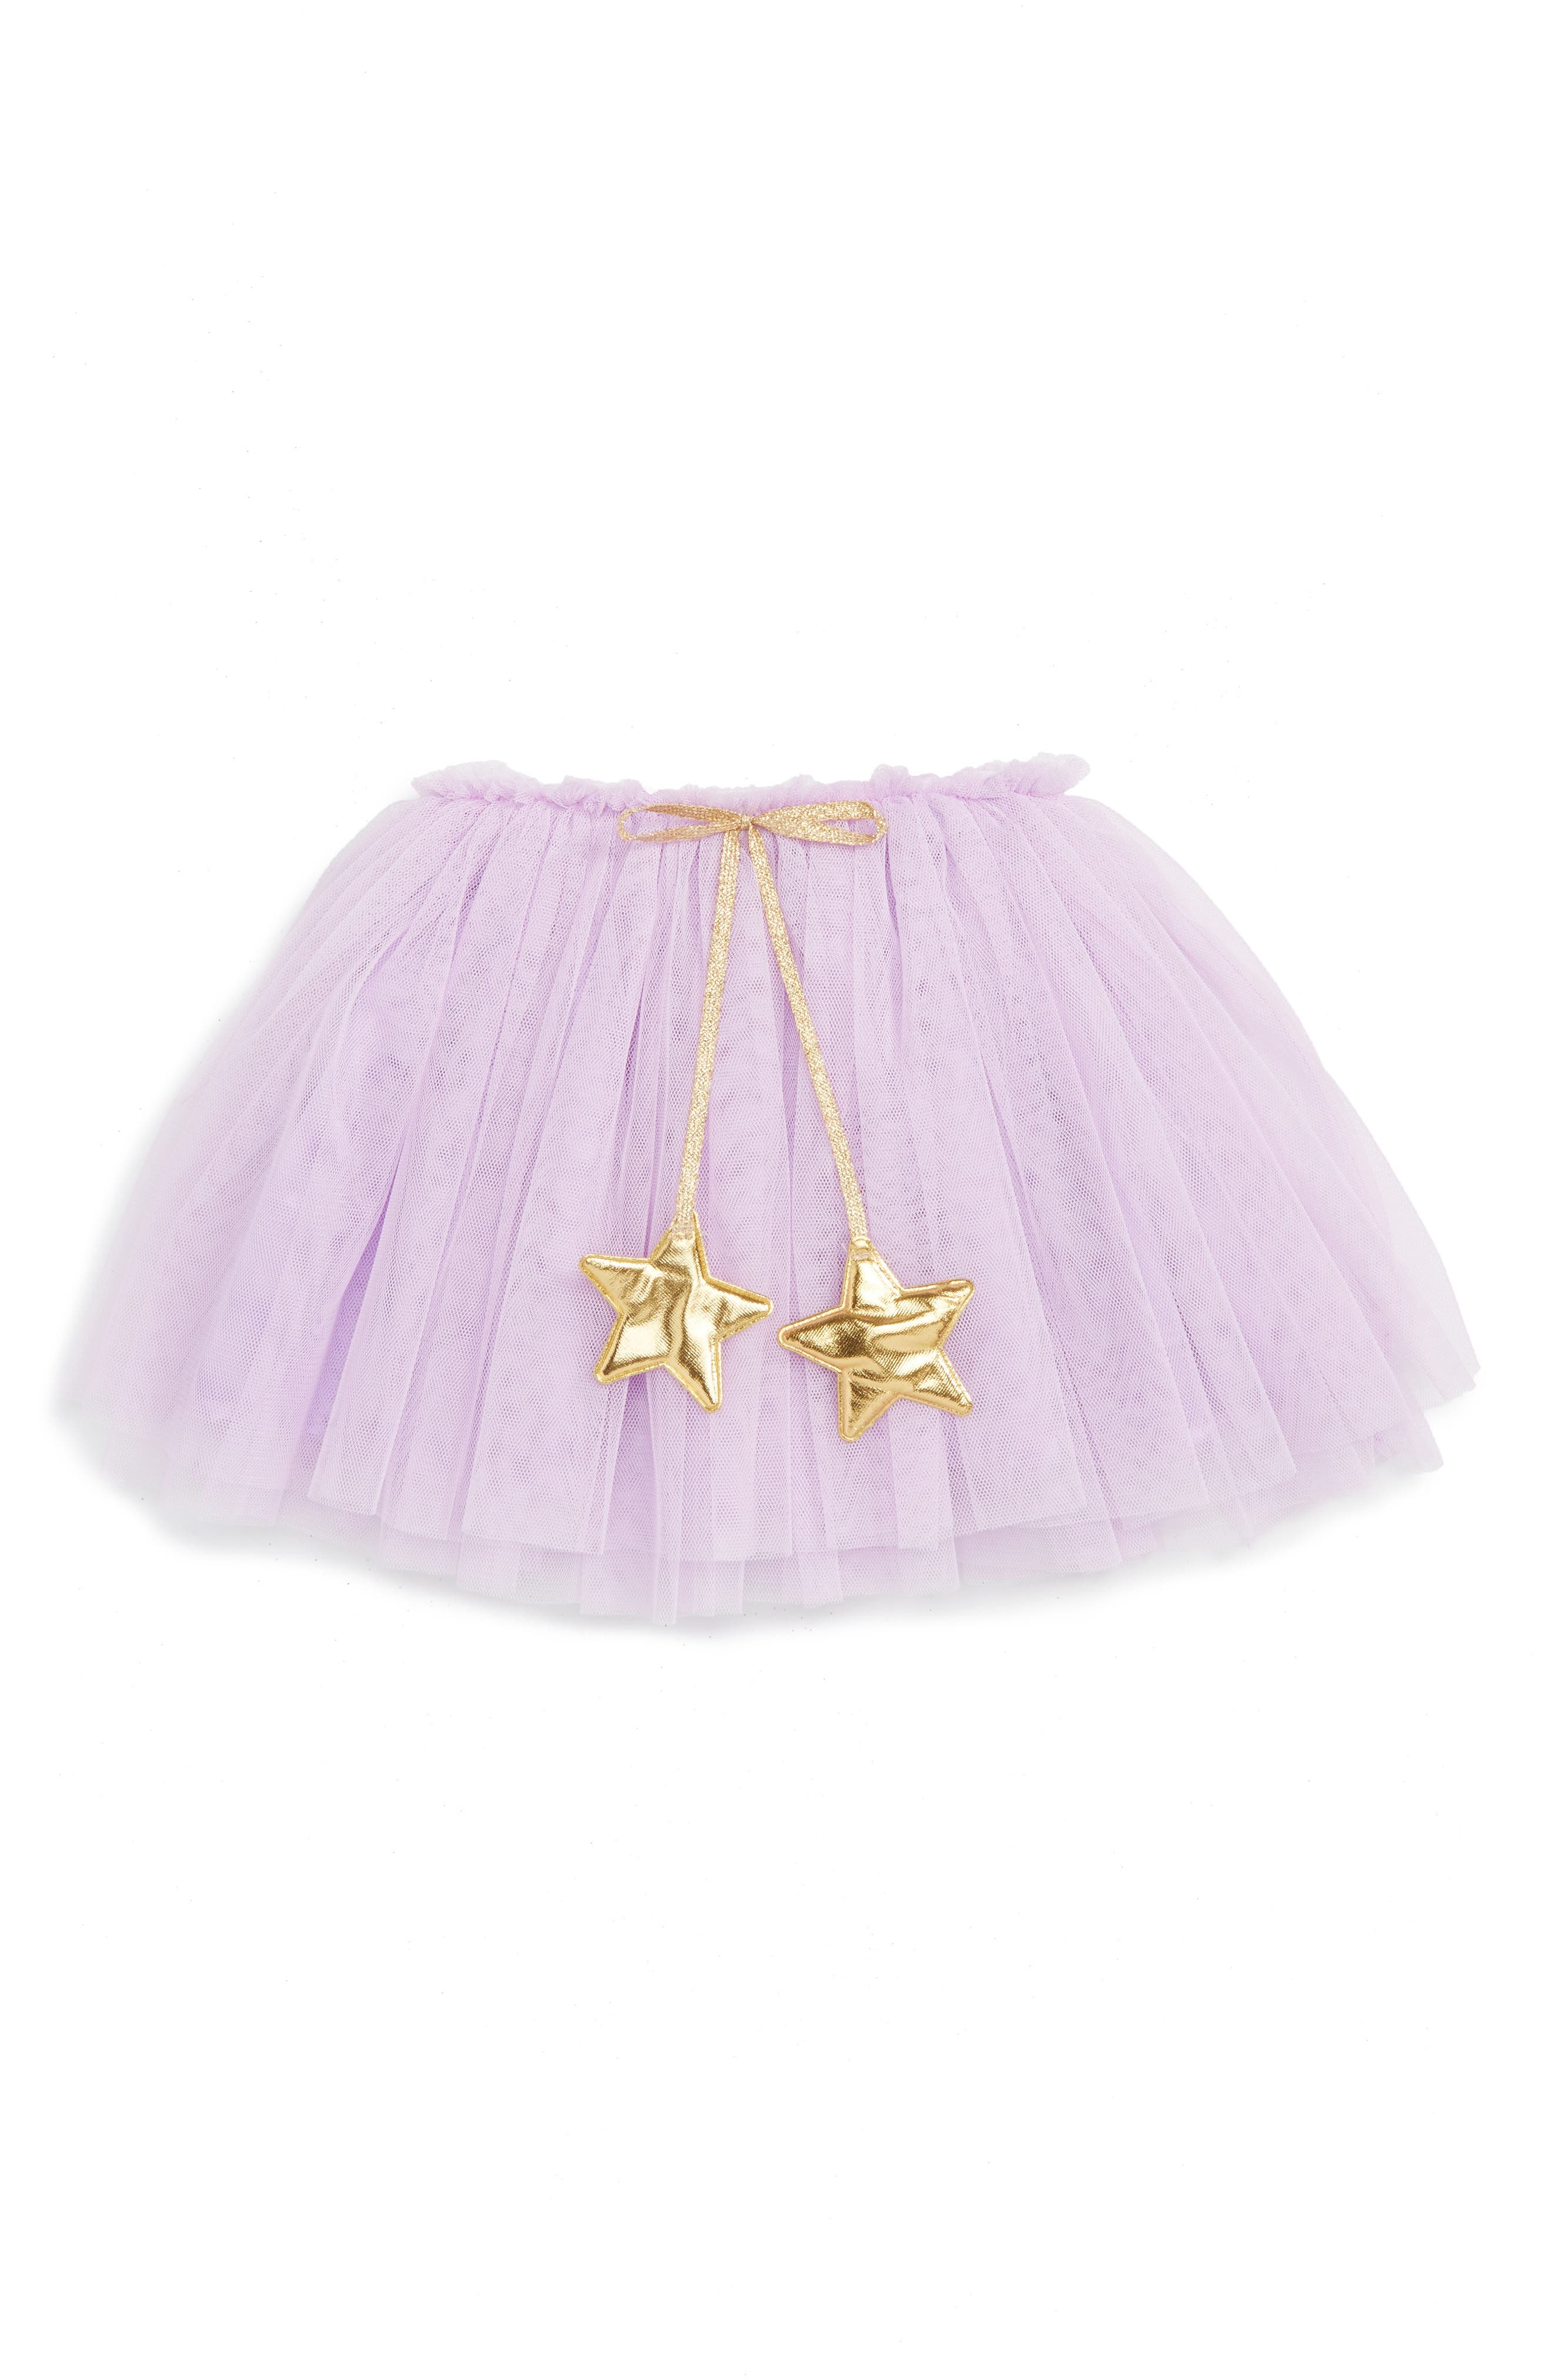 POPATU Gold Star Tutu Skirt, Main, color, PURPLE